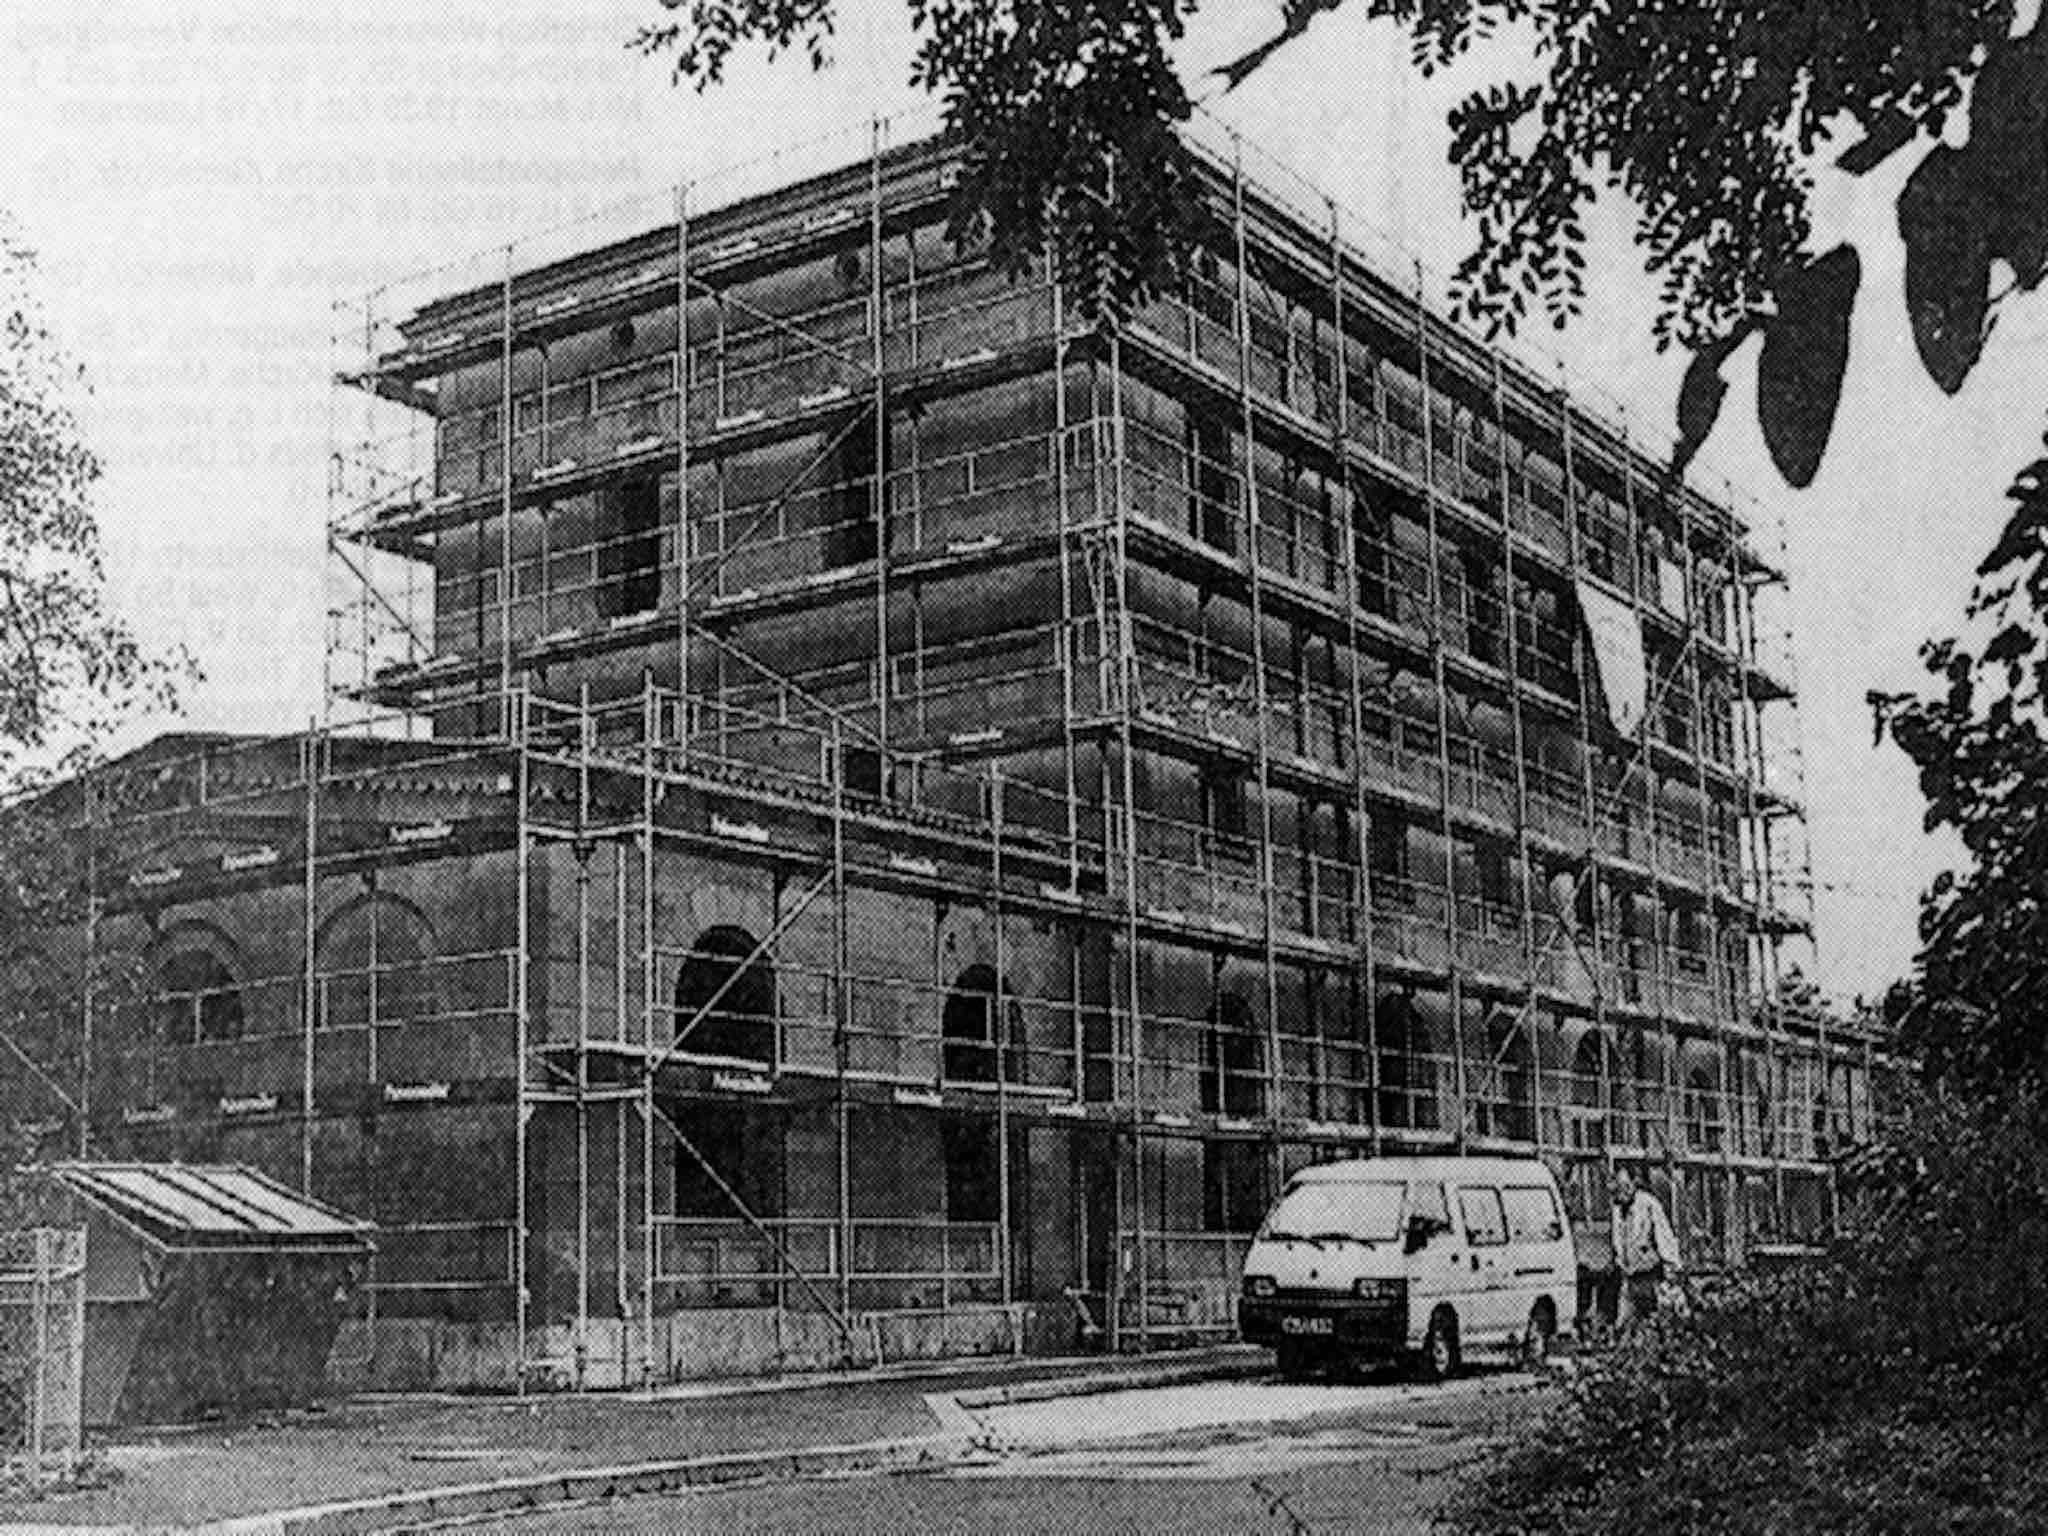 Der Ostbahnhof Heidingsfeld während der Sanierung 1996. Foto: Archiv AWO Unterfranken